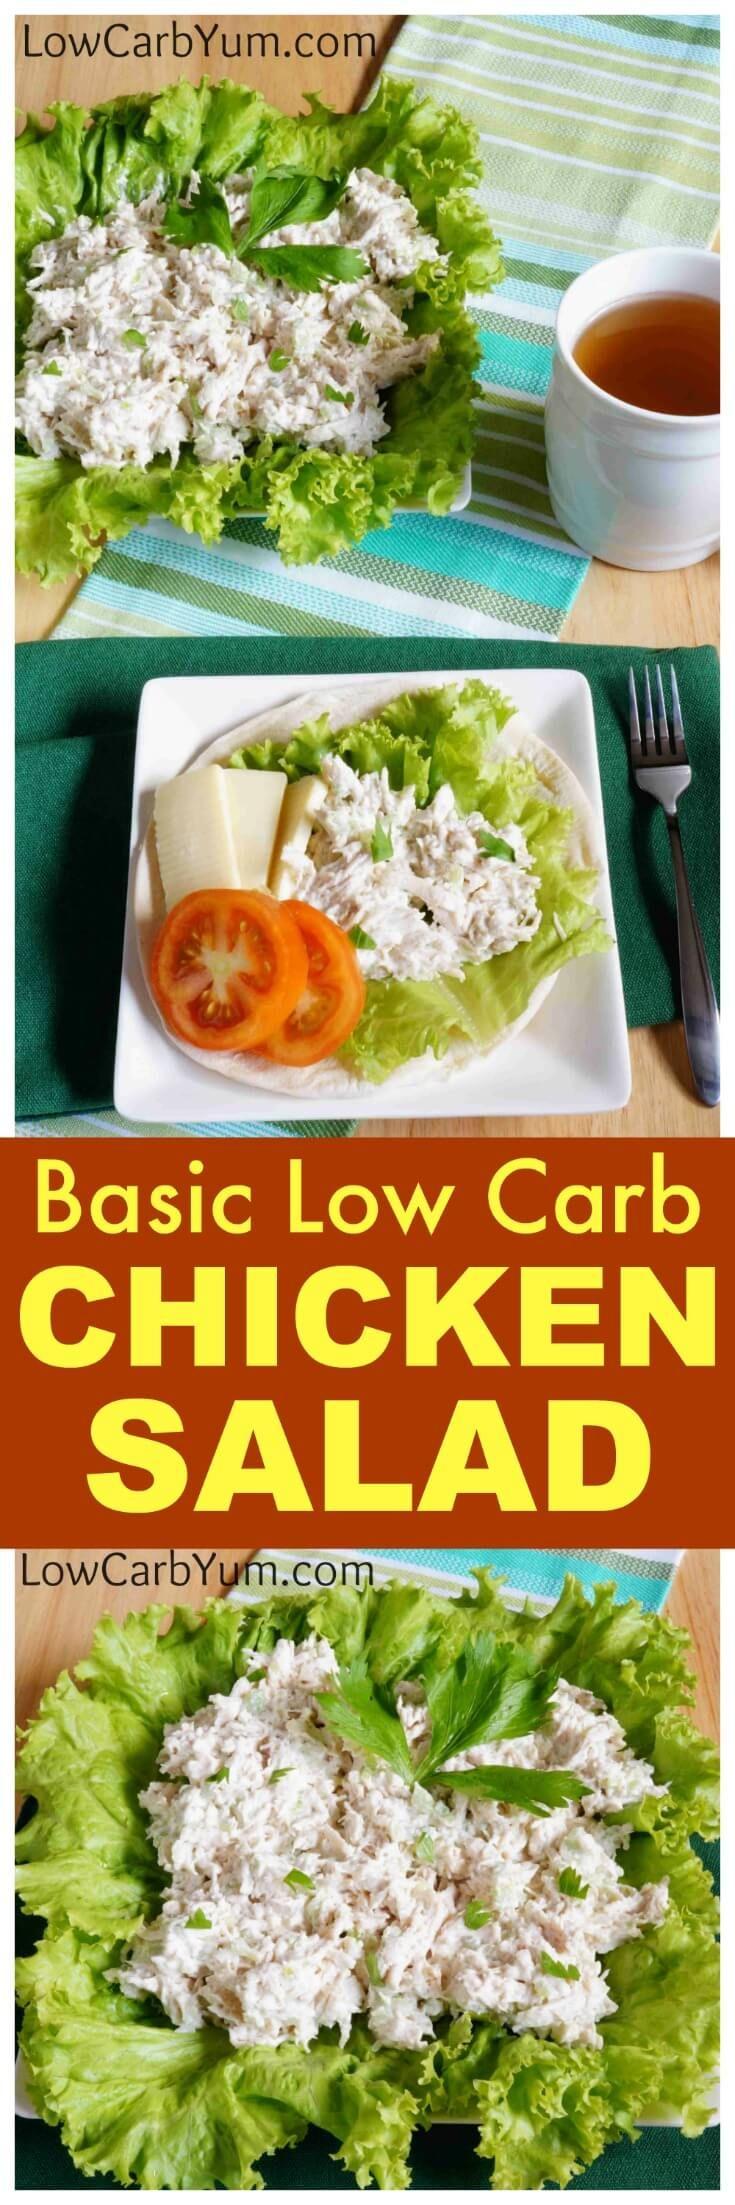 Chicken breast with avocado salad